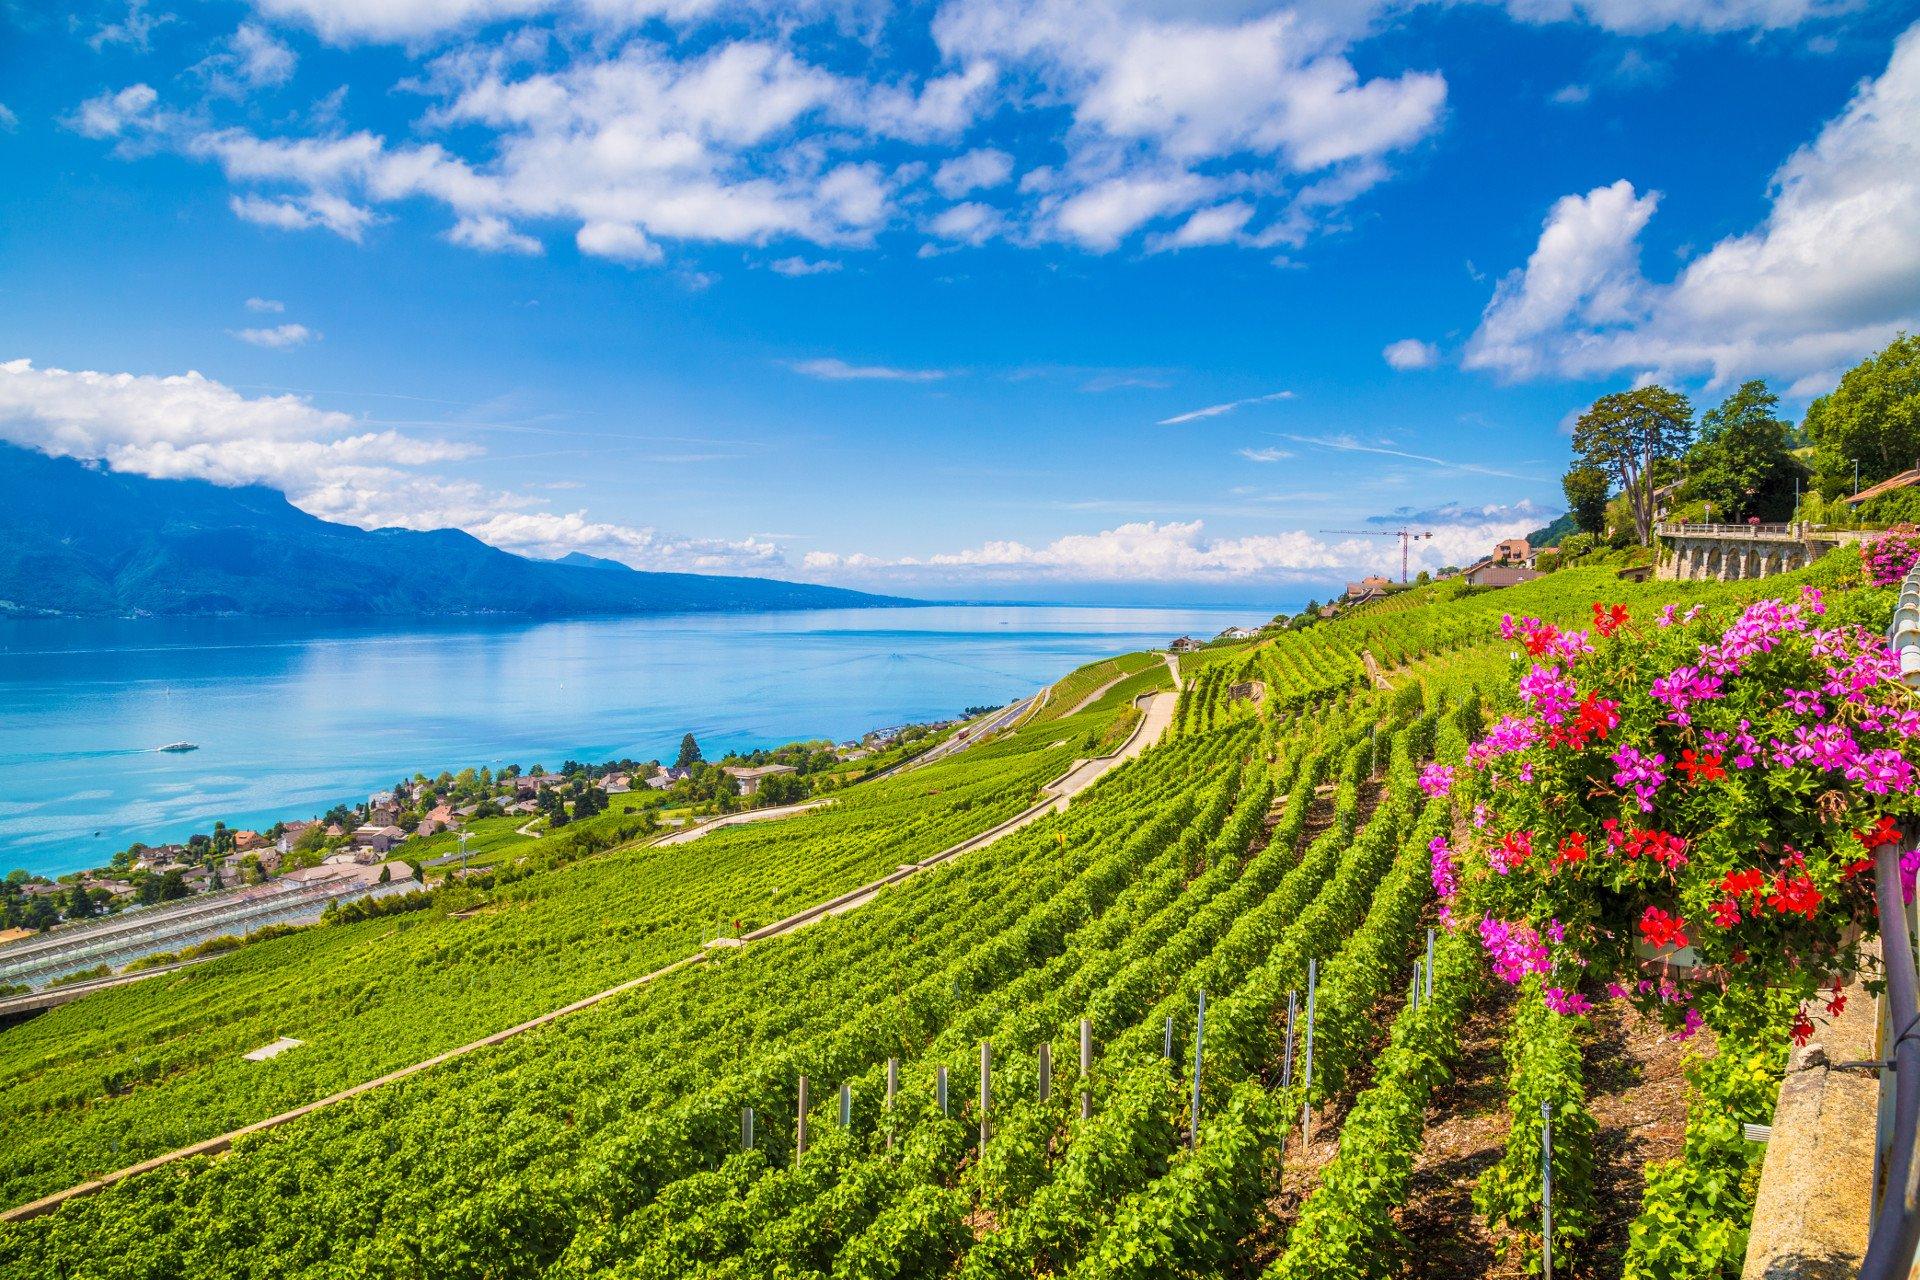 vignes-dégustation-visite privée-Lavaux-Suisse-Lac Léman